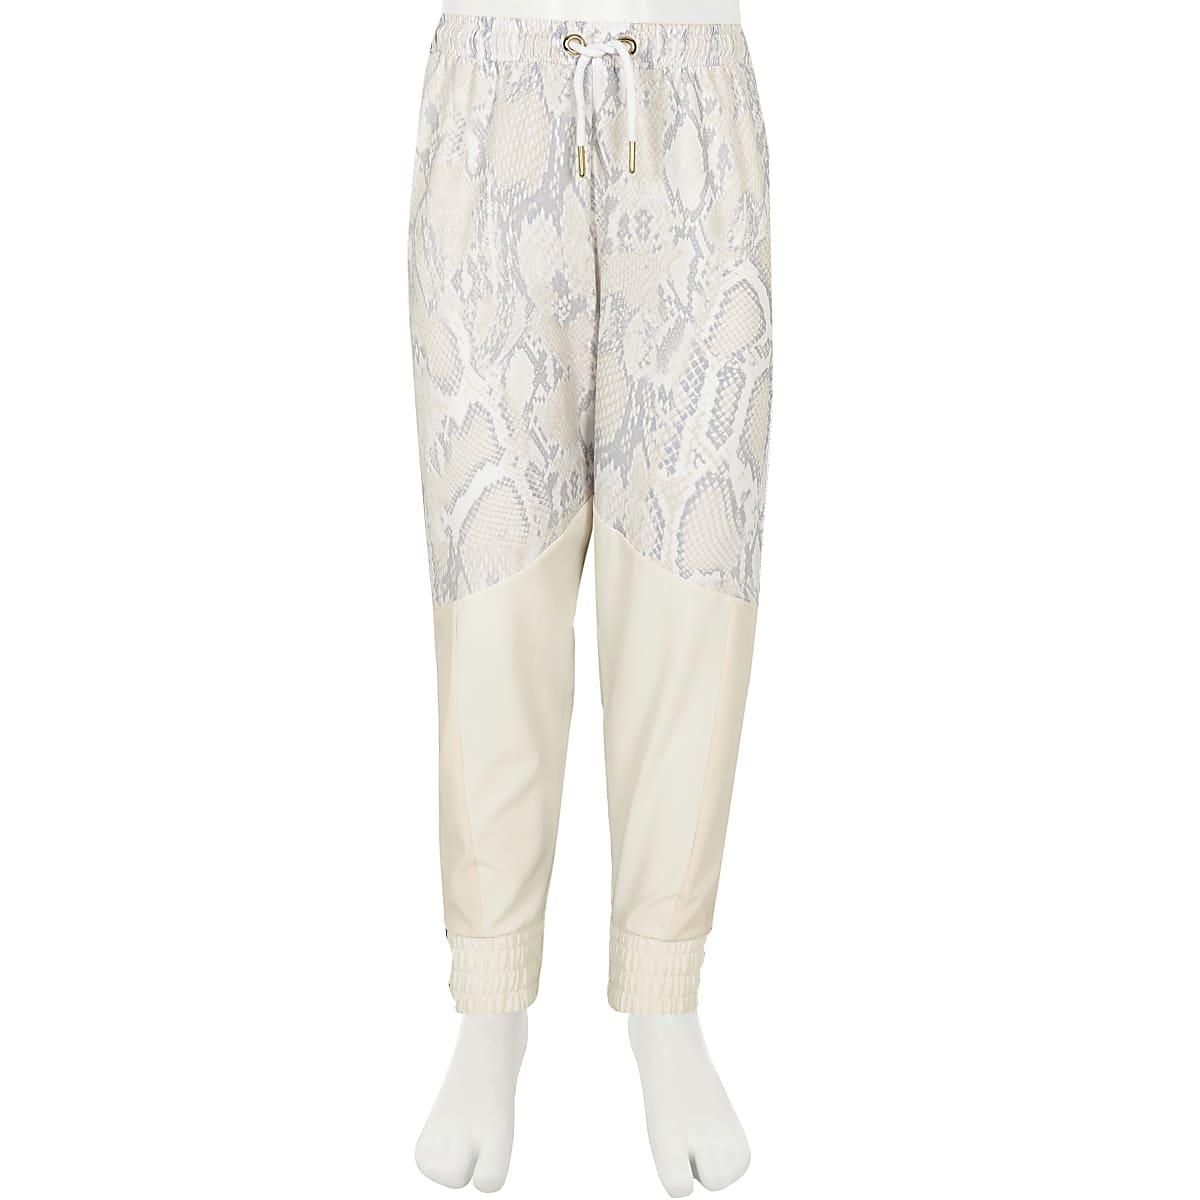 Witte Joggingbroek Heren.Ri Active Witte Joggingbroek Met Slangenprint Voor Meisjes